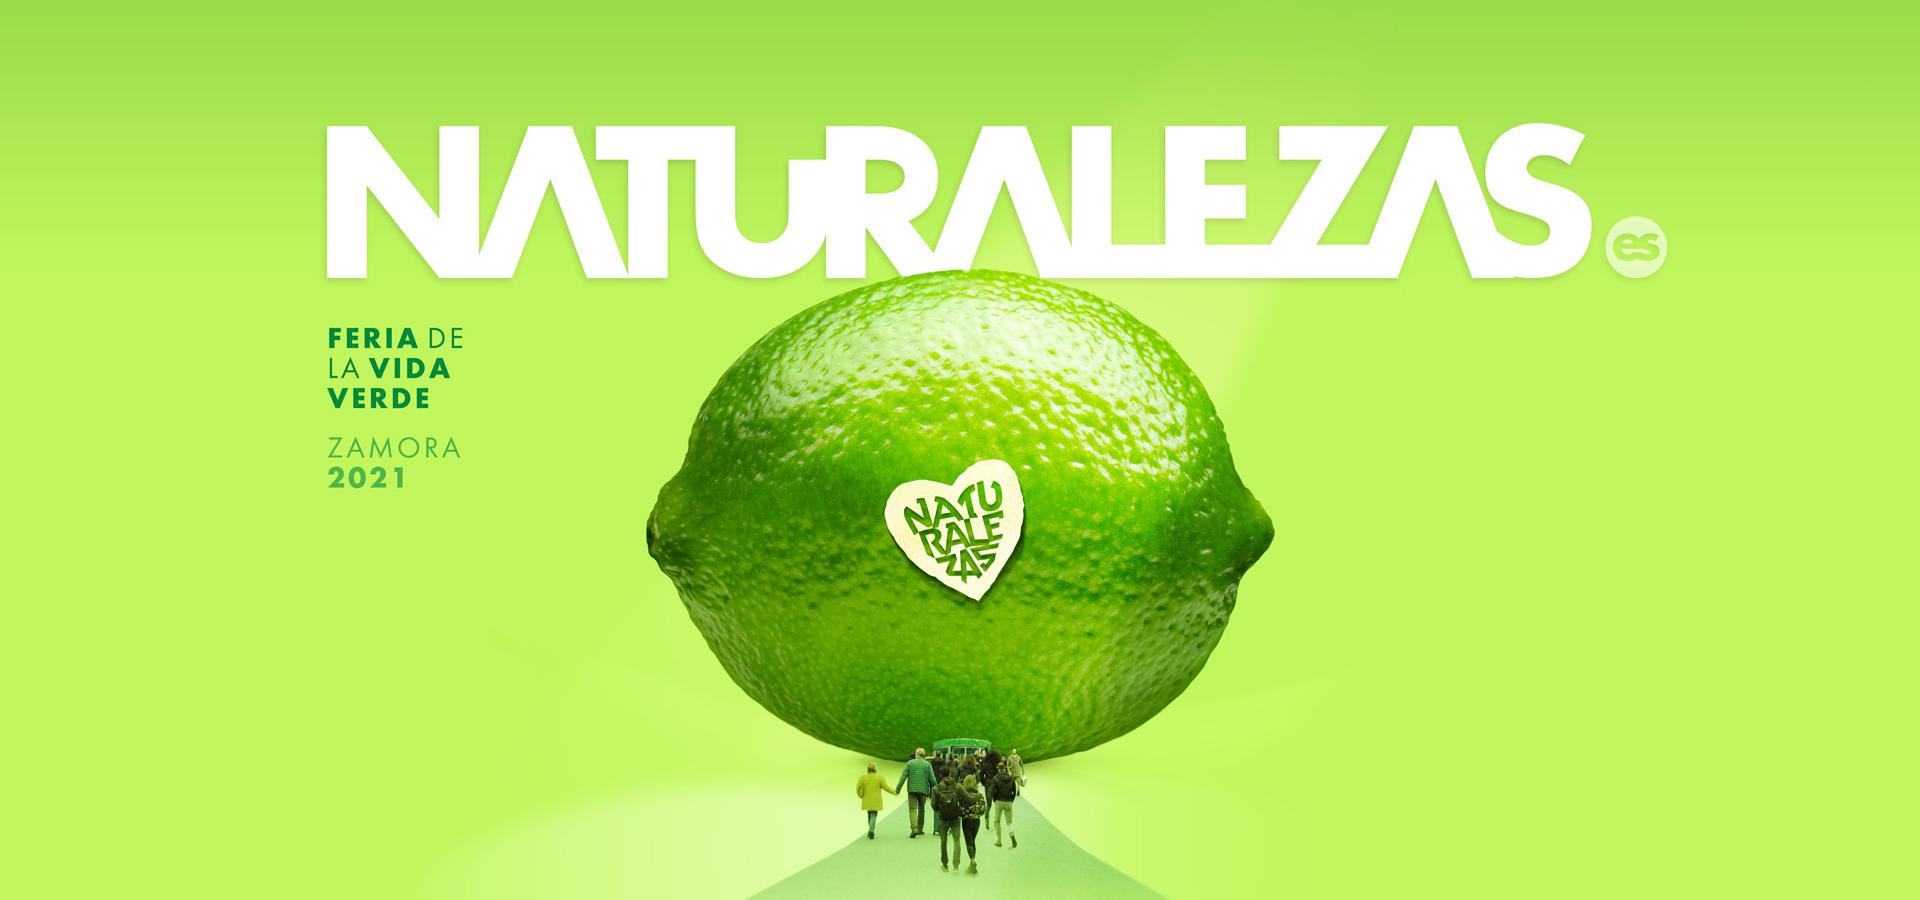 naturalezas-feria-vida-verde-2021